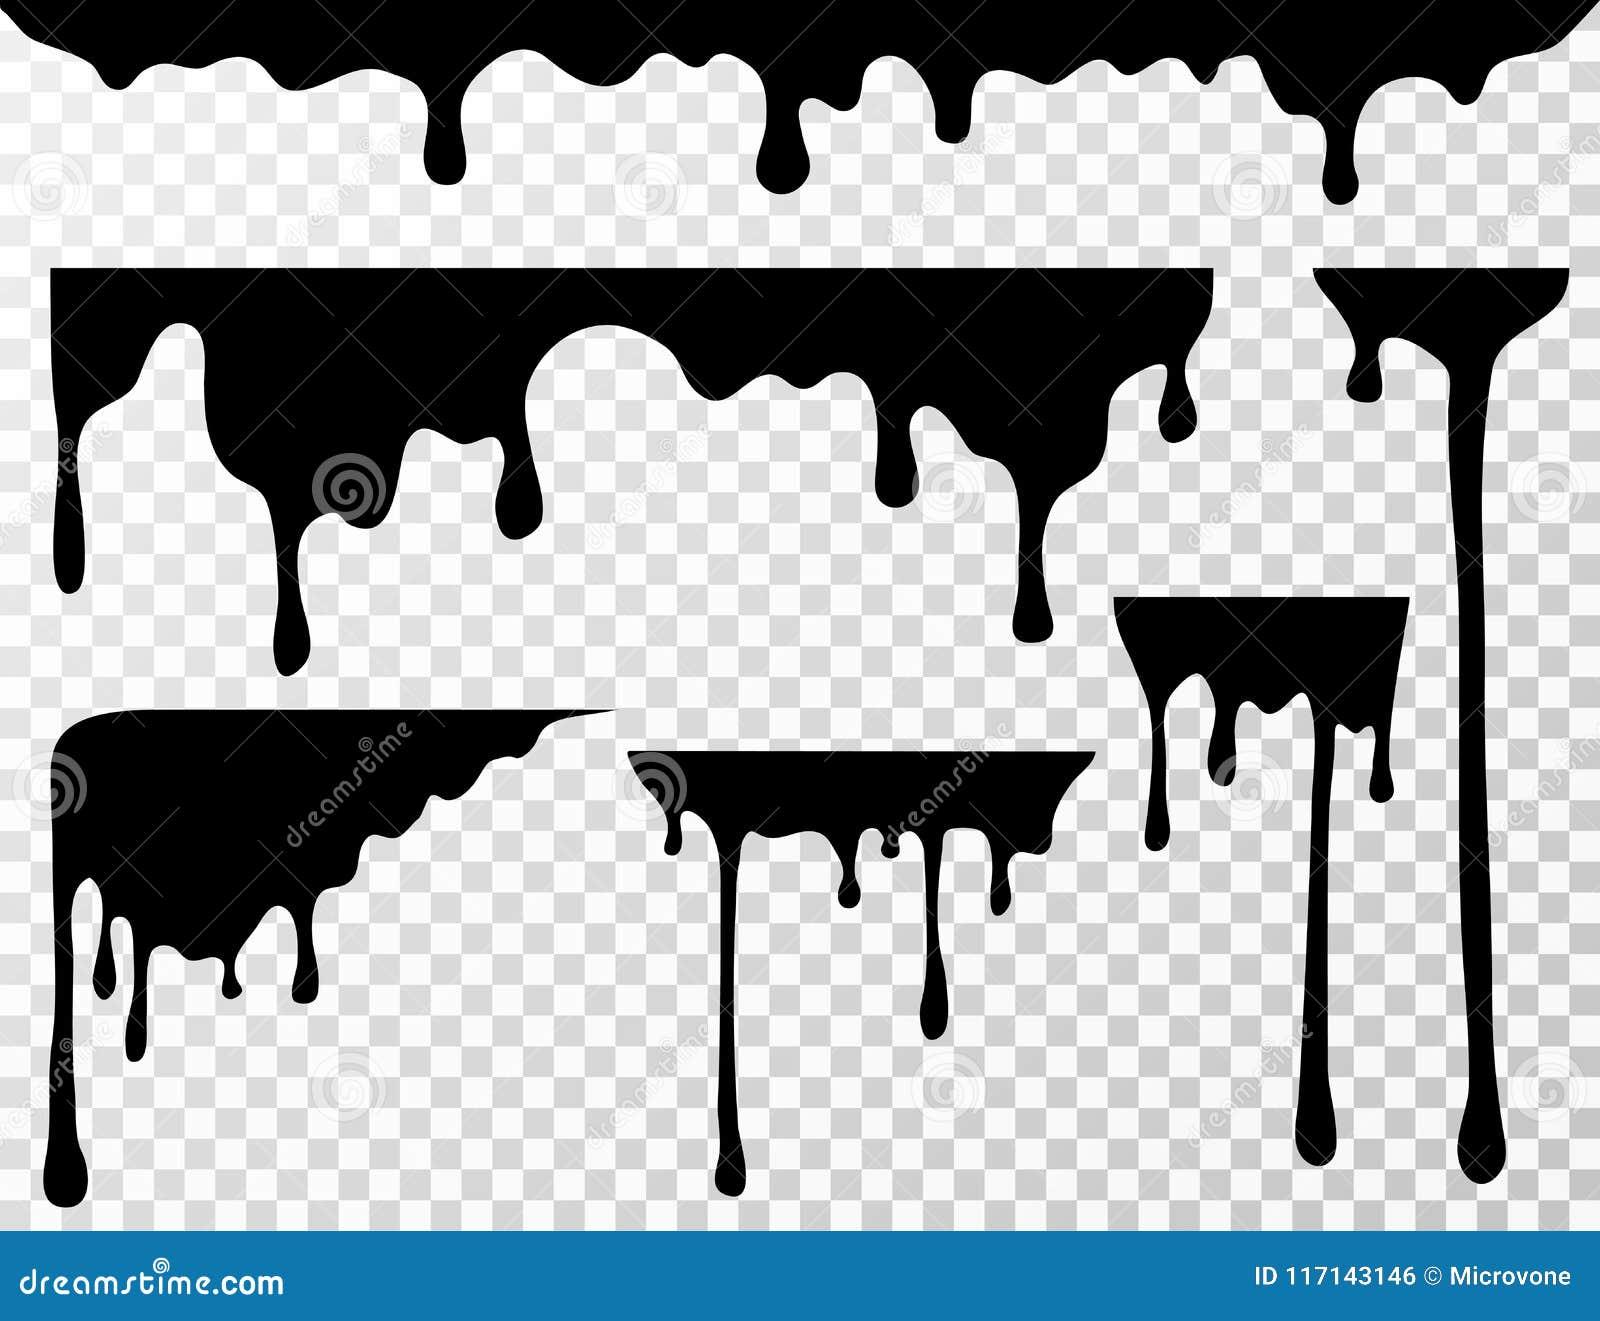 Mancha de óleo preta do gotejamento, gotejamentos líquidos ou silhuetas atuais da tinta do vetor da pintura isolados